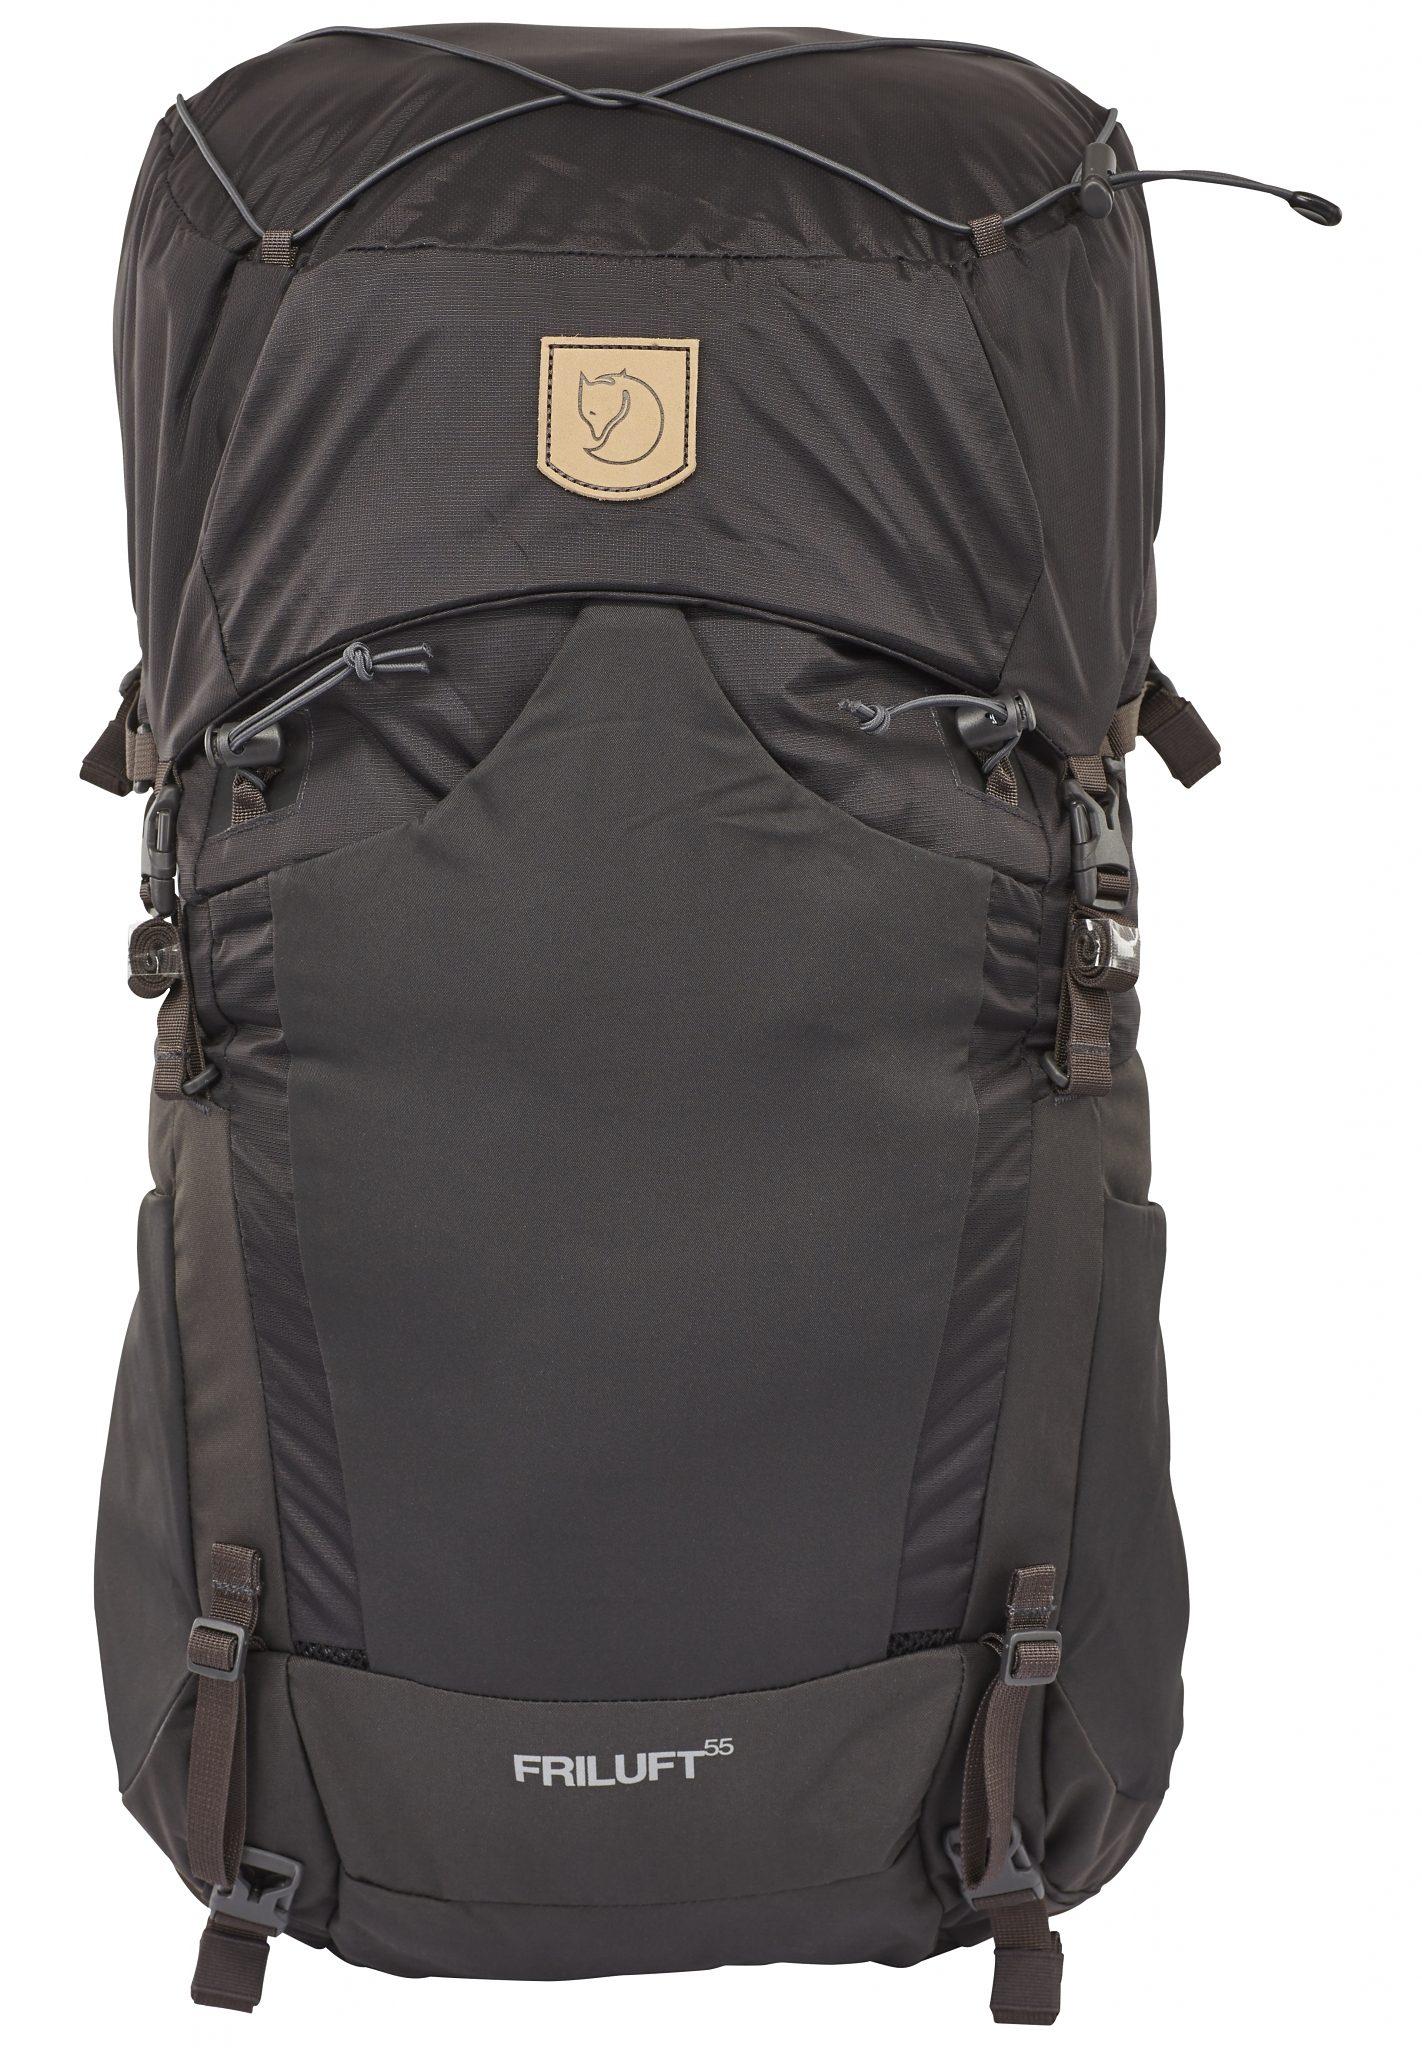 Fjällräven Sport- und Freizeittasche »Friluft 55 Backpack«